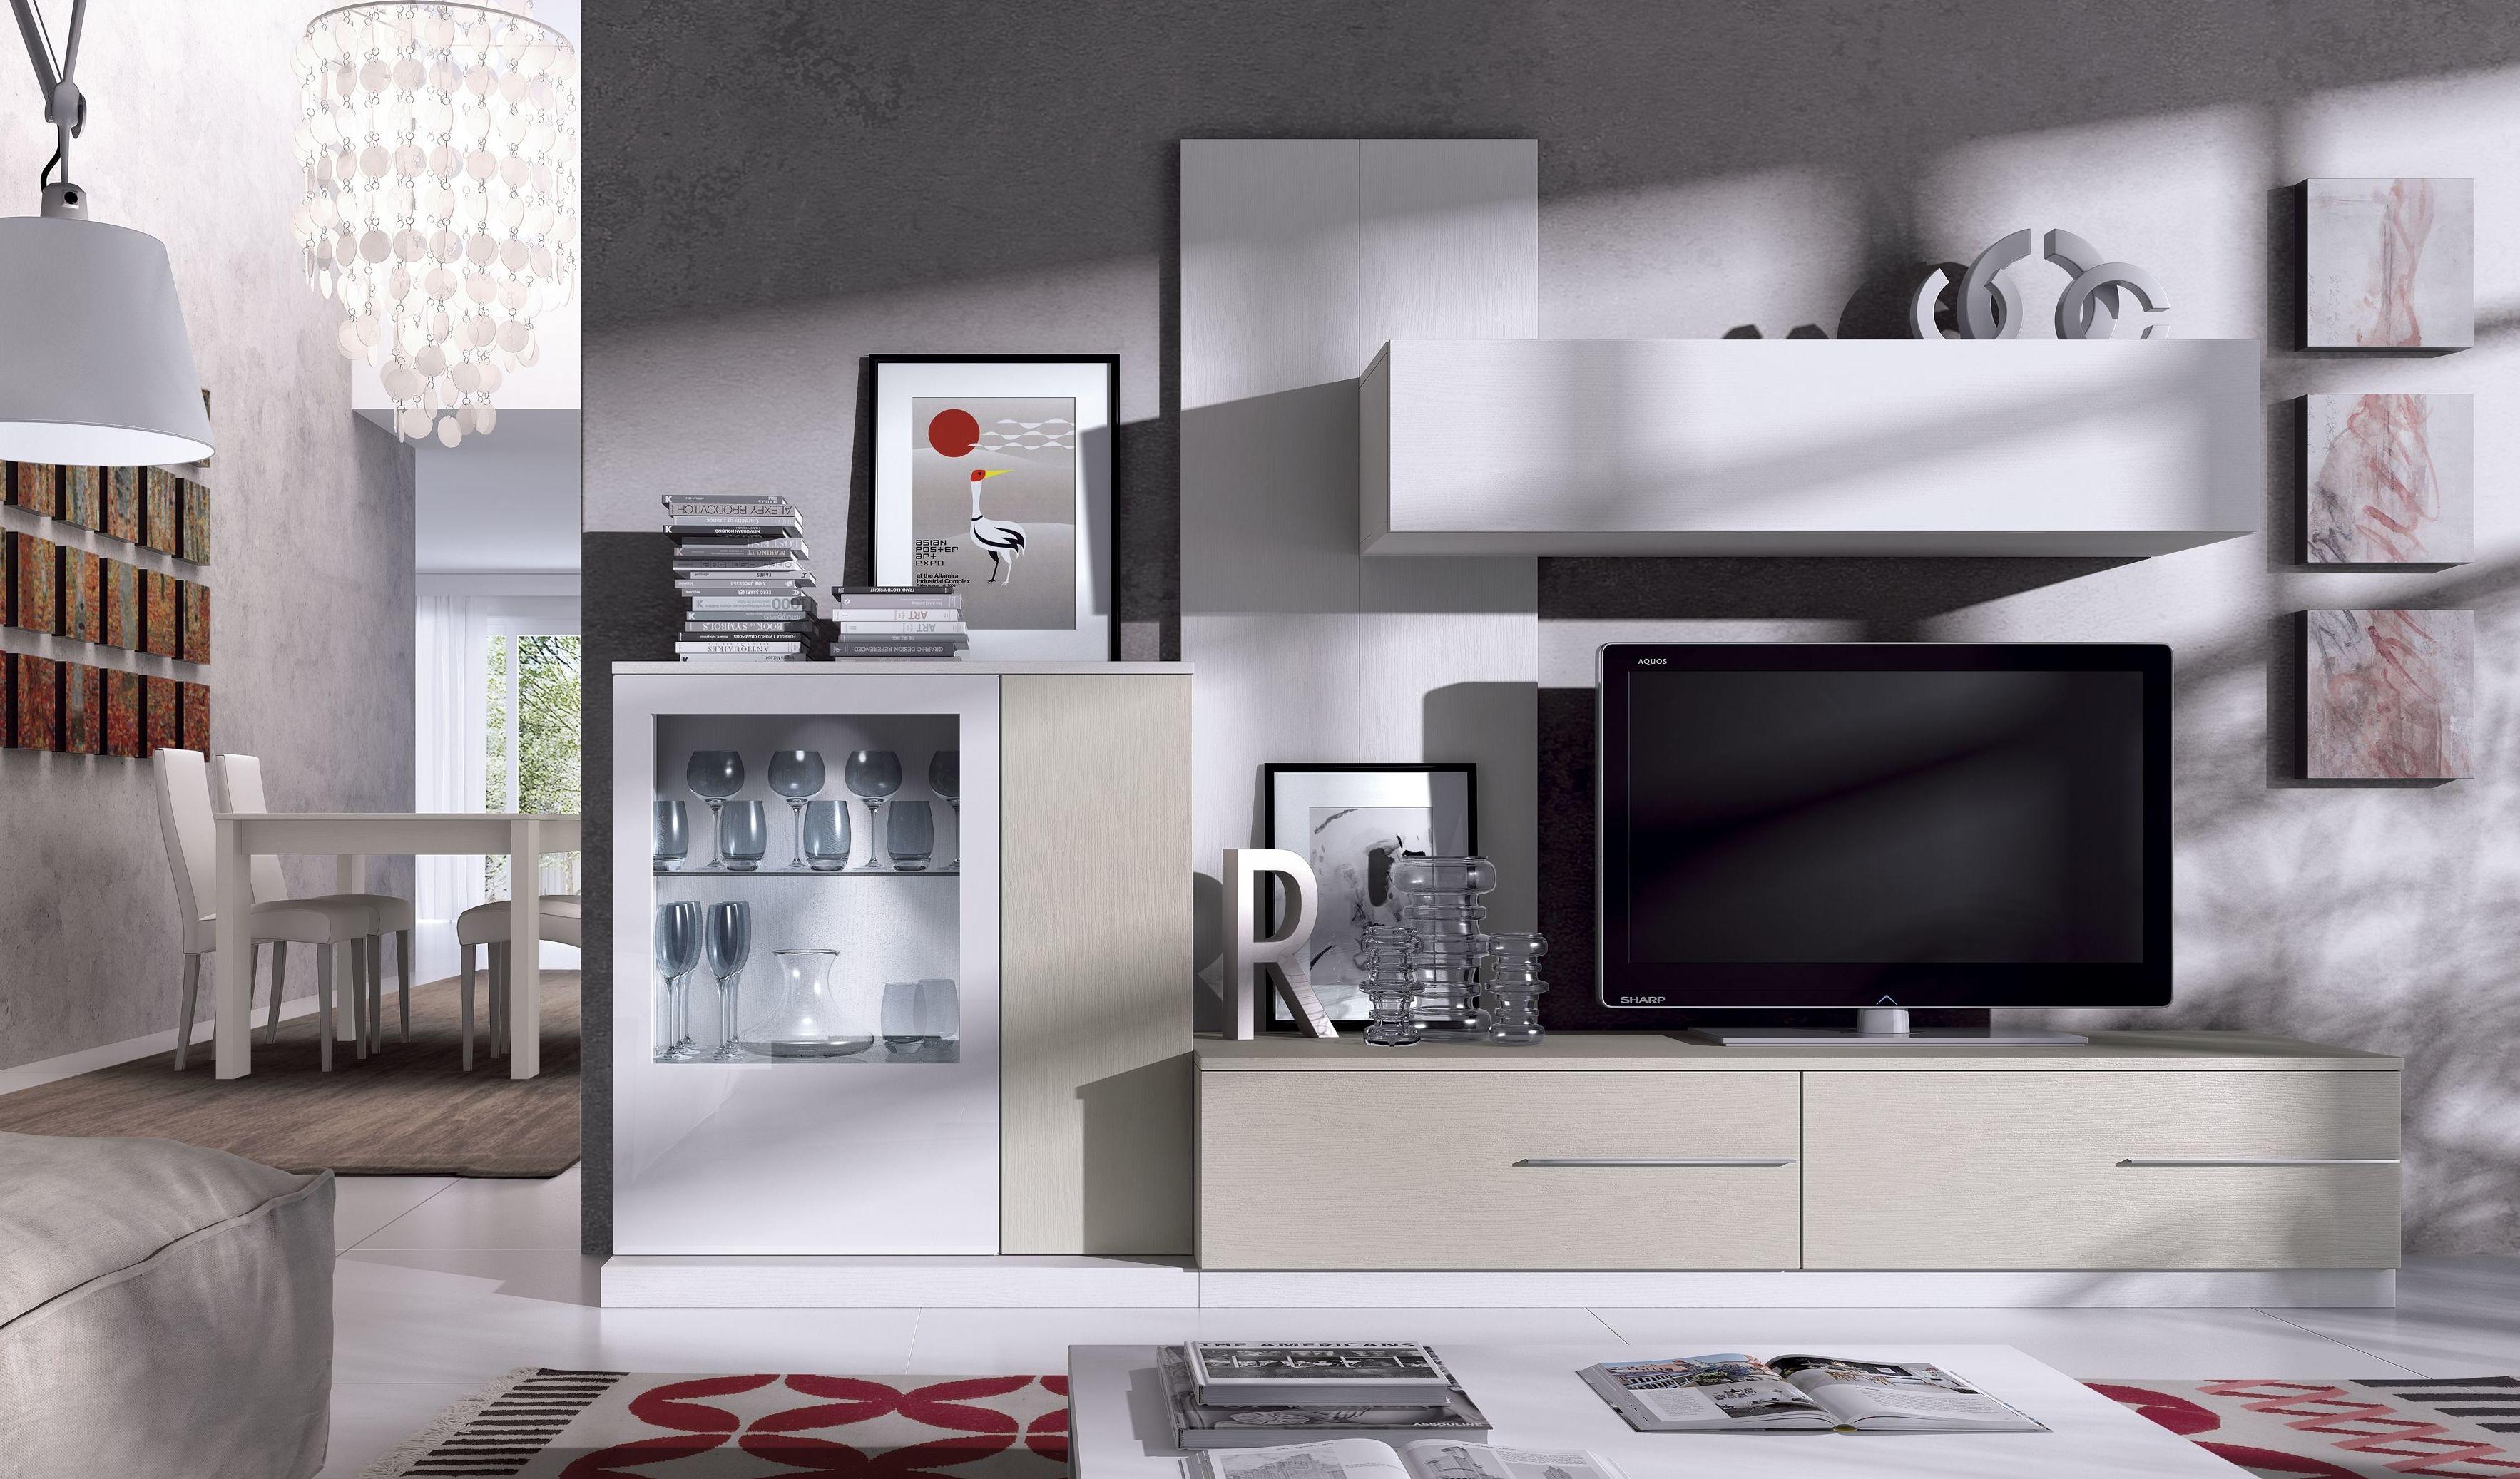 Salones catalogo rosamor cat logo de muebles y sof s de - Muebles y complementos ...